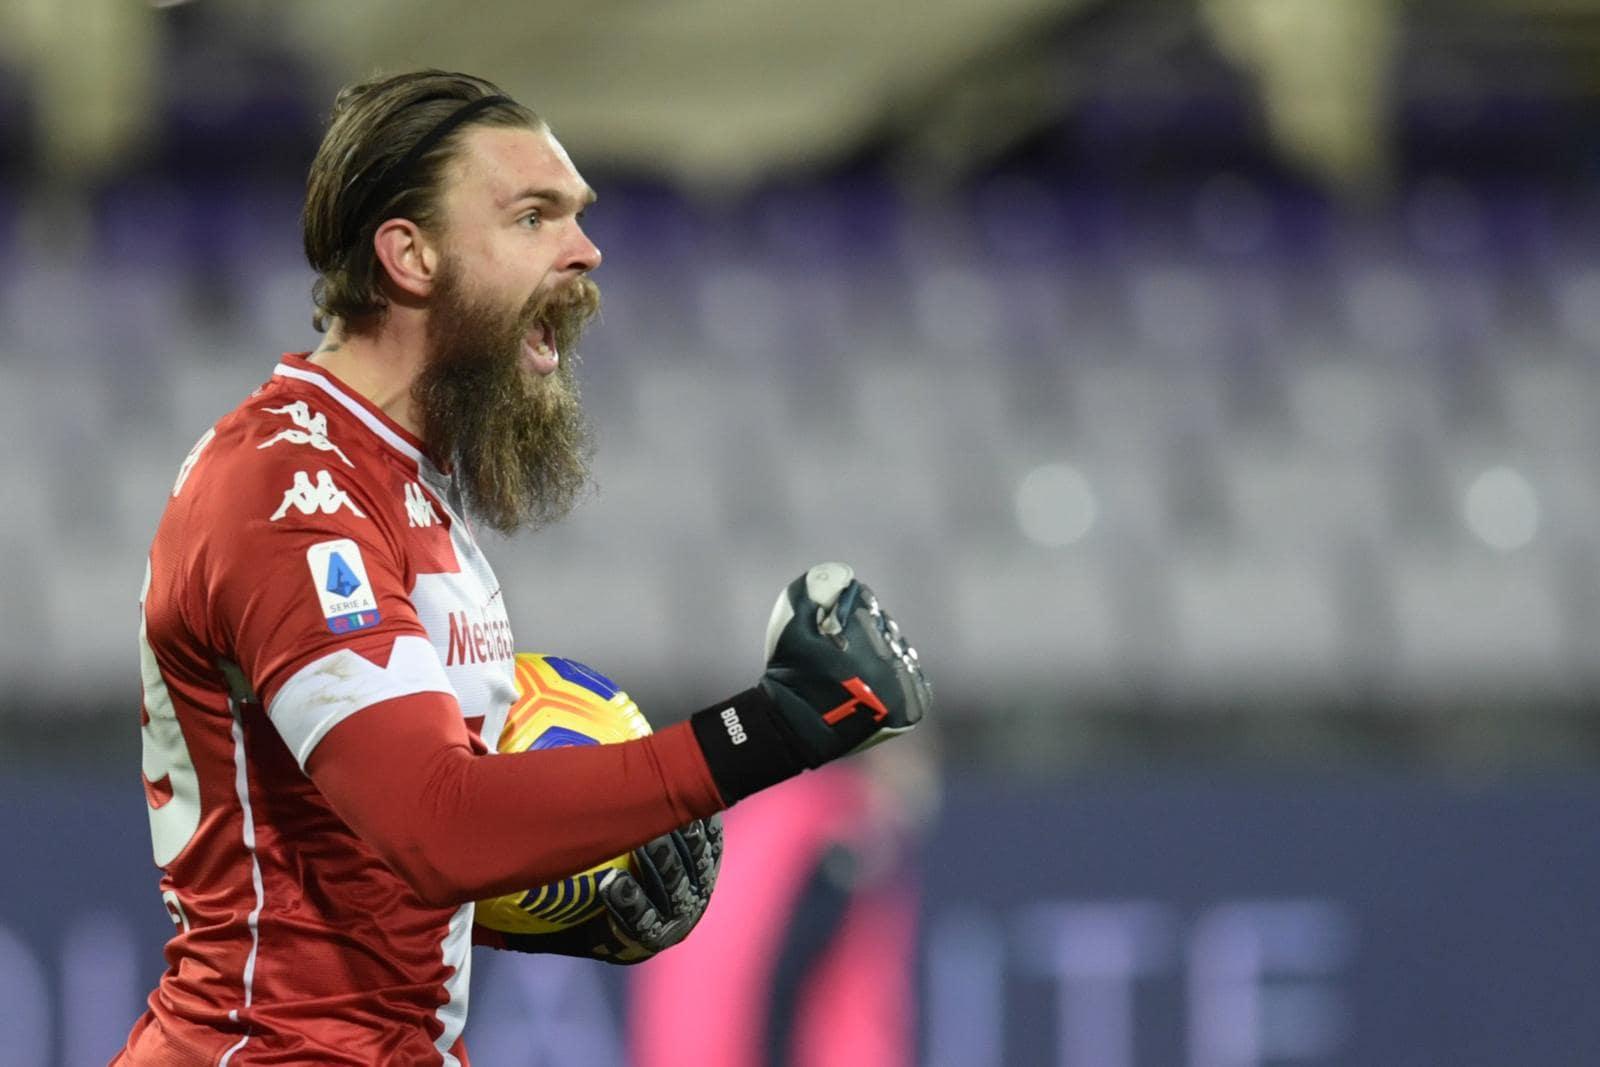 Dragowski para, Vlahovic segna: la Fiorentina stende il Cagliari